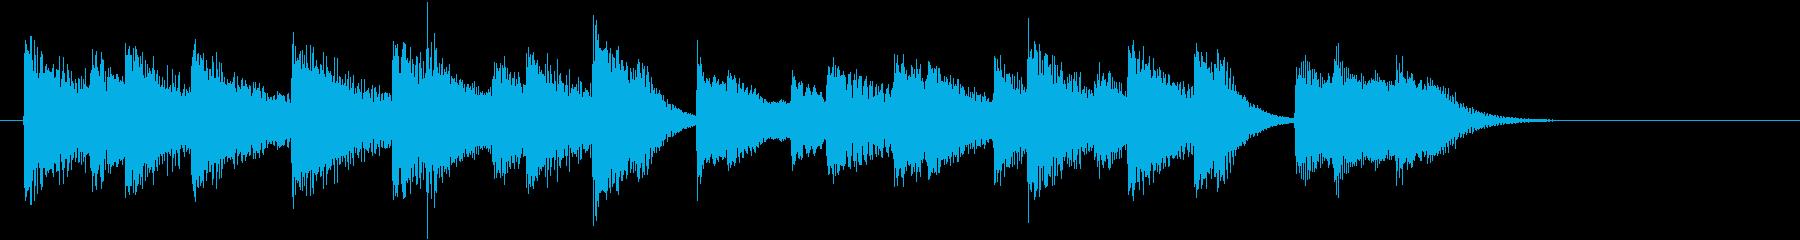 シンプルジャズの楽しい春のピアノジングルの再生済みの波形